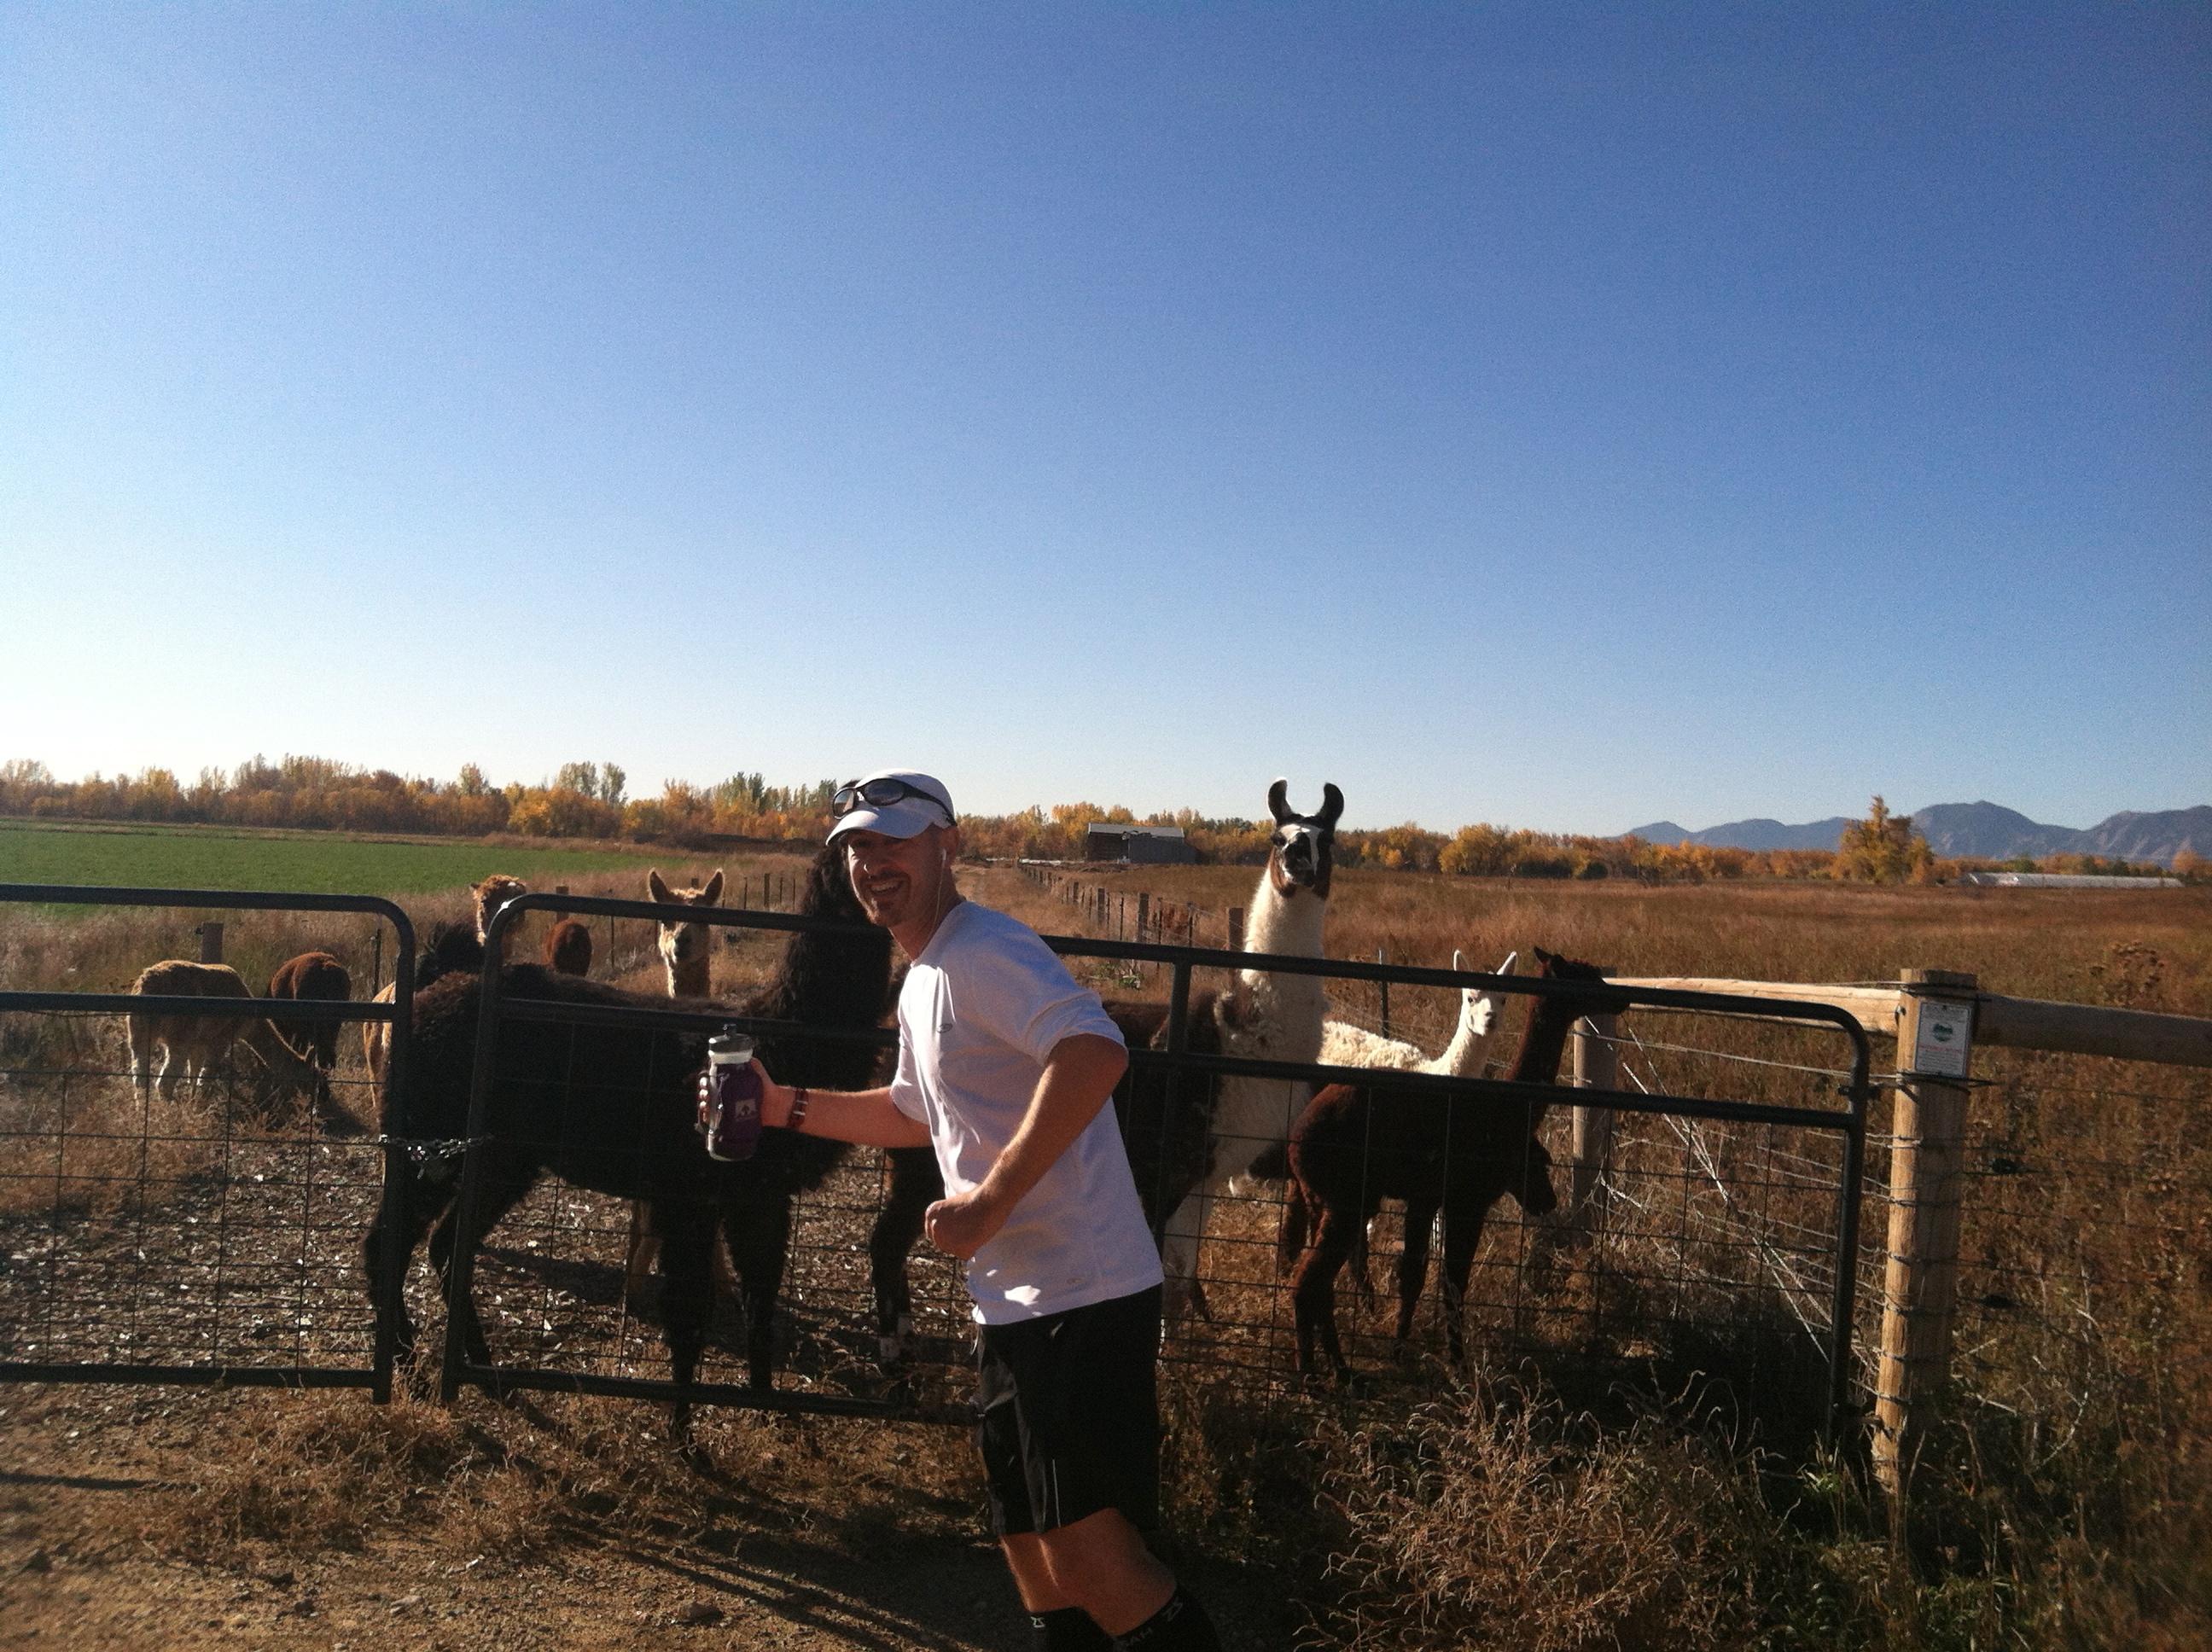 Running with llamas